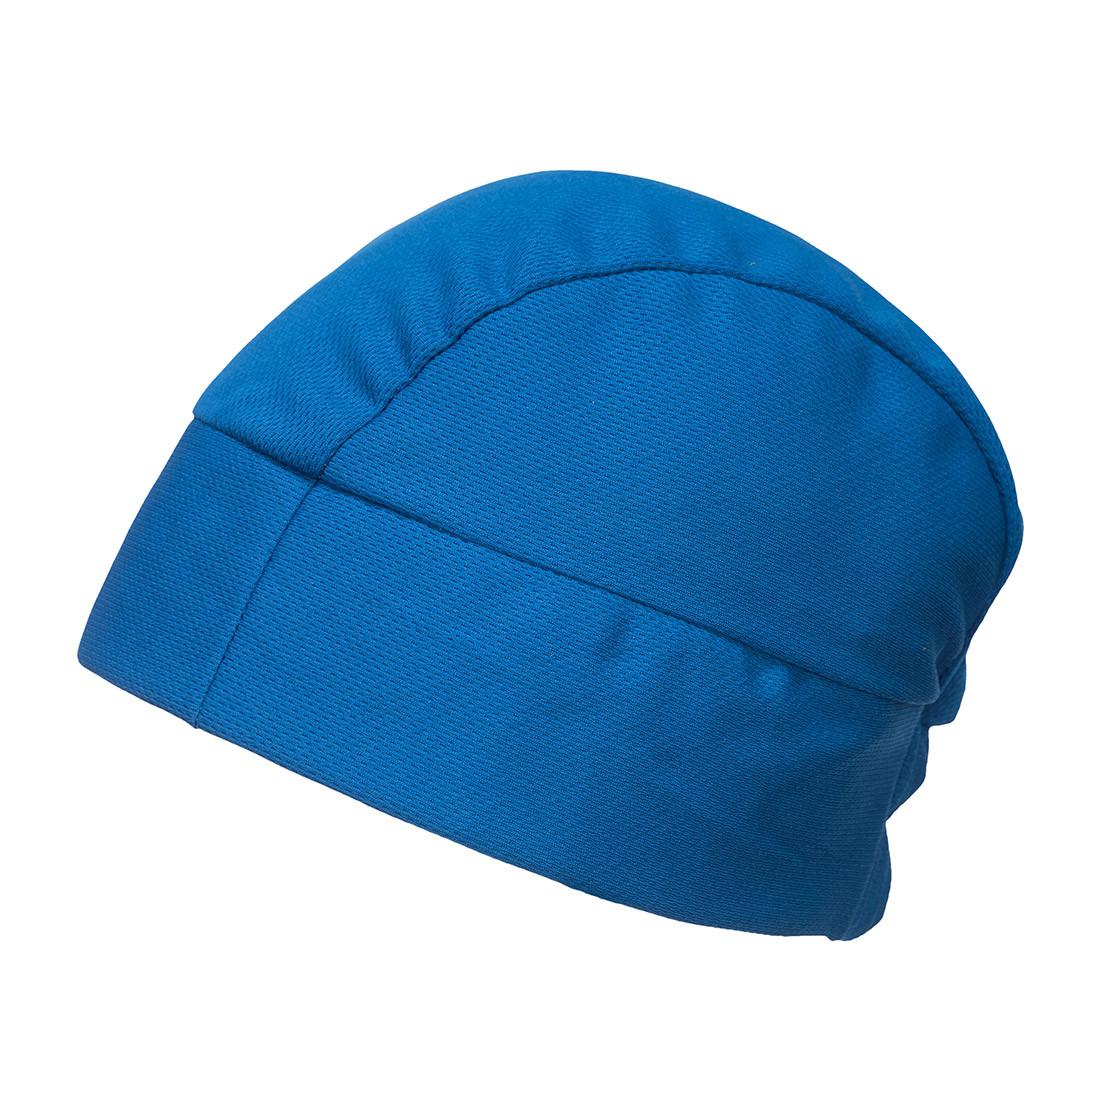 Bandana pentru racire capilara - Echipamente de protectie personala